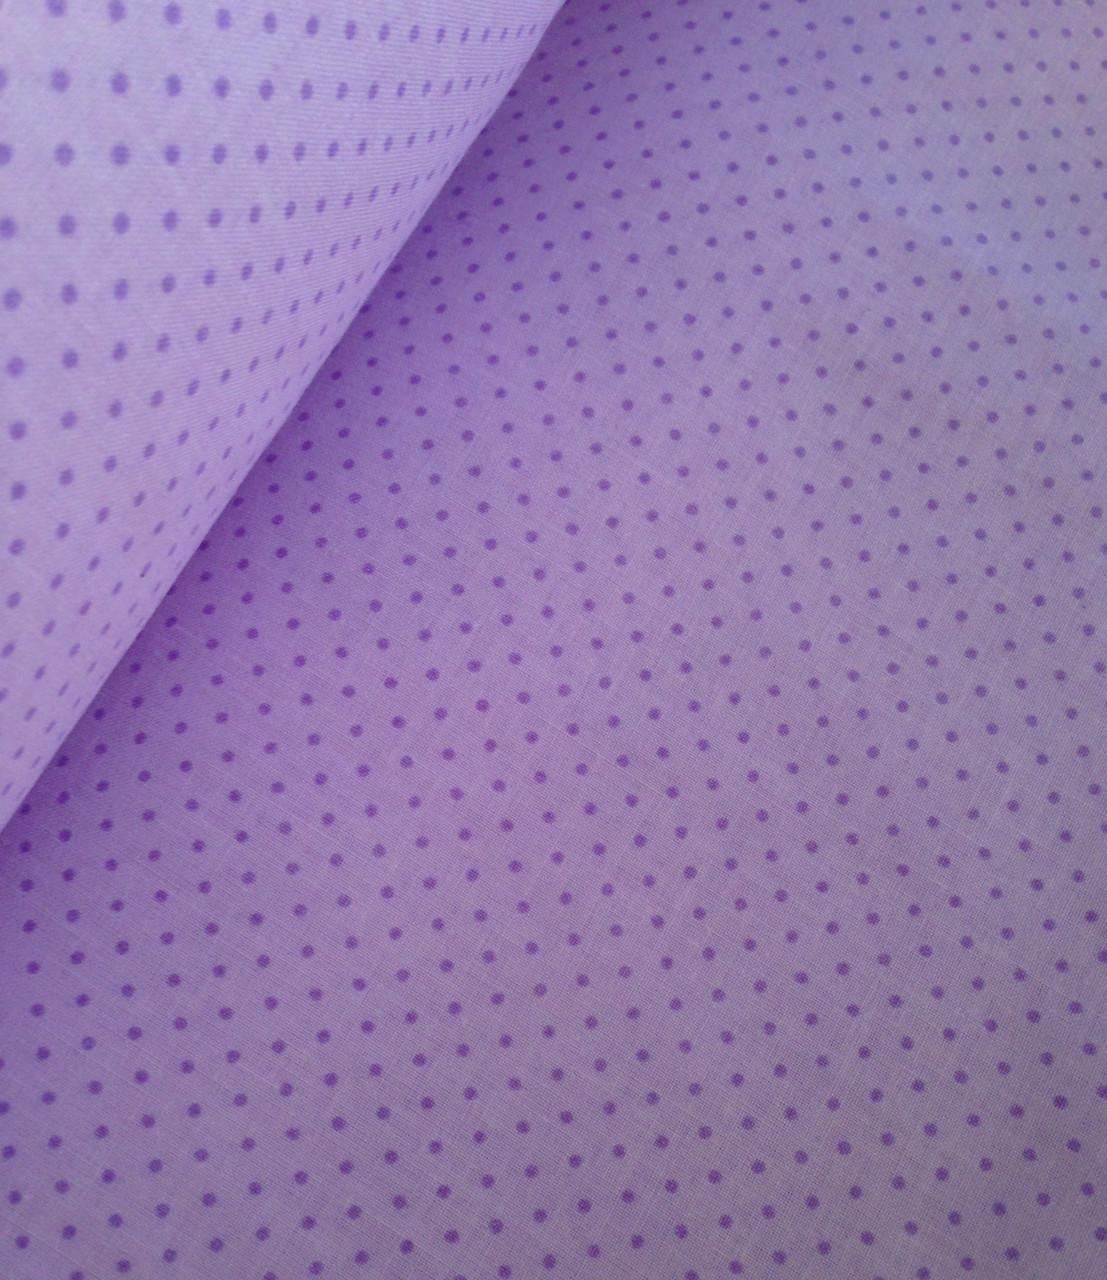 Хлопковая ткань польская точки фиолетовые